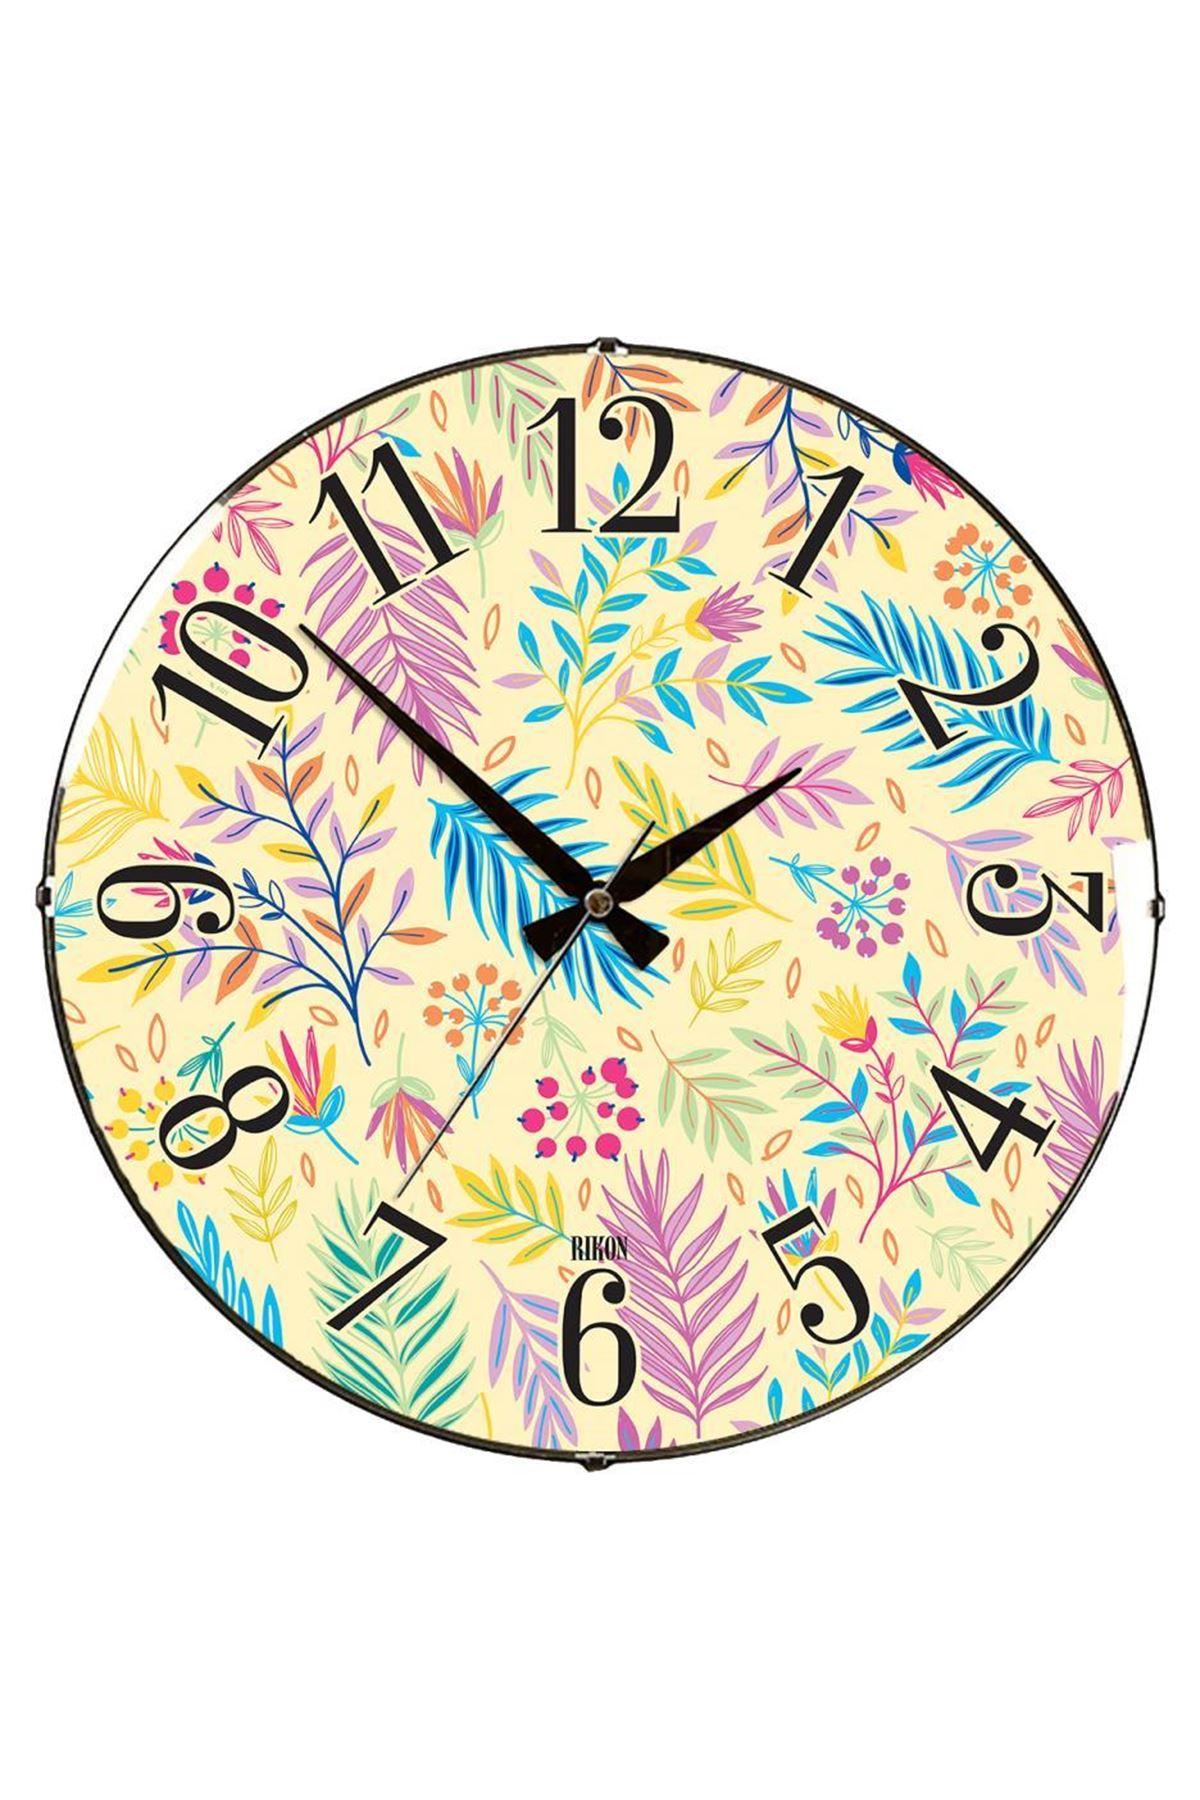 Rikon Renkli Çiçekler Dekoratif Bombe Camlı Duvar Saati